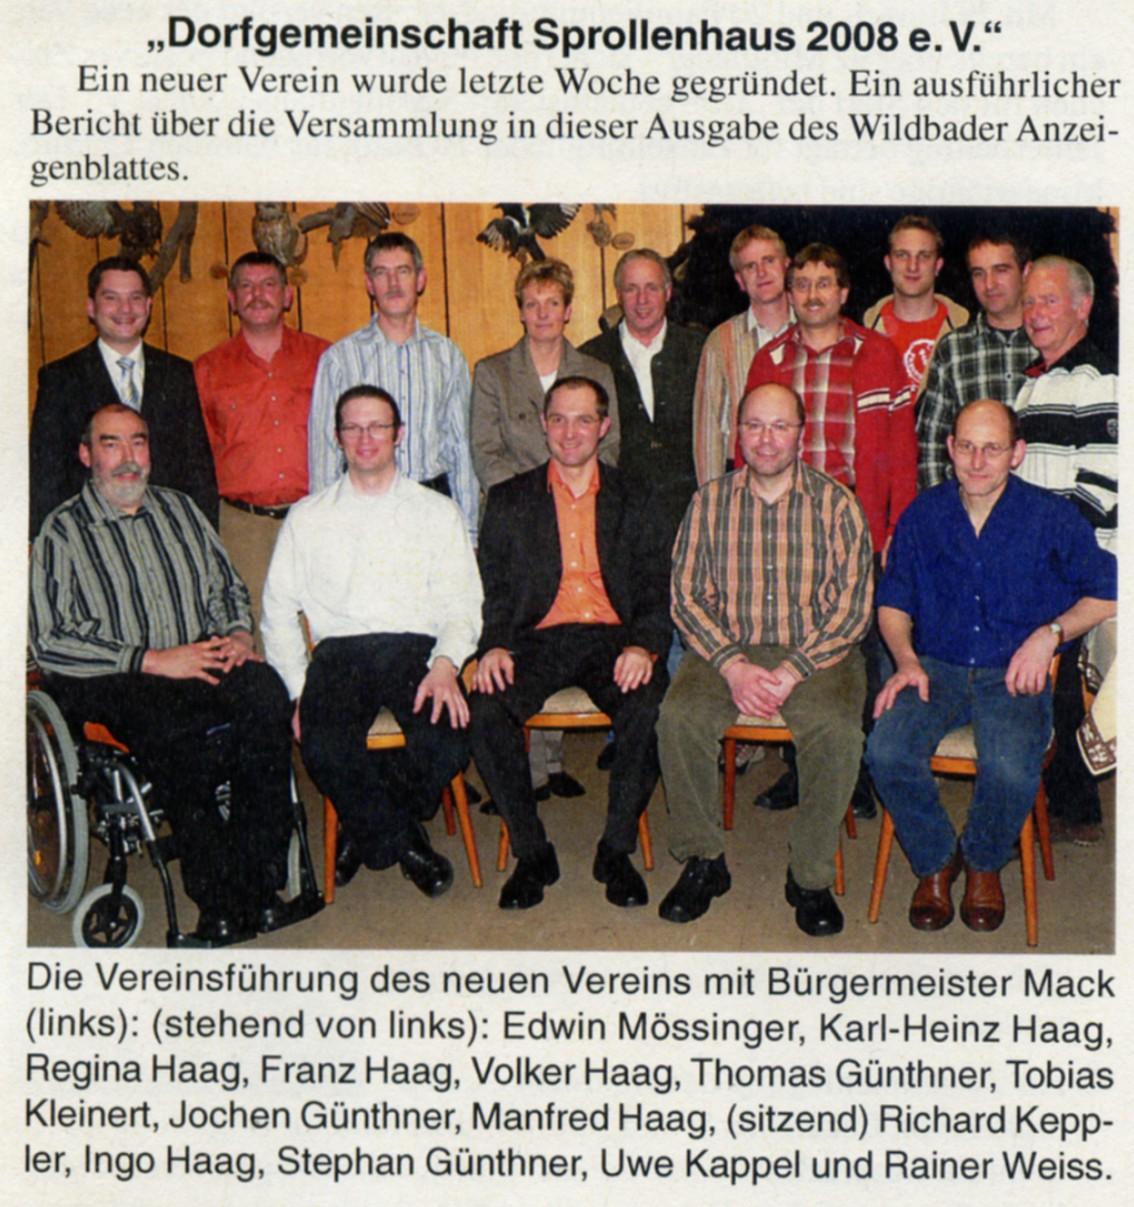 2008-03-19-wildbader_anzeigeblatt-dorfgemeinschaft_vorstand